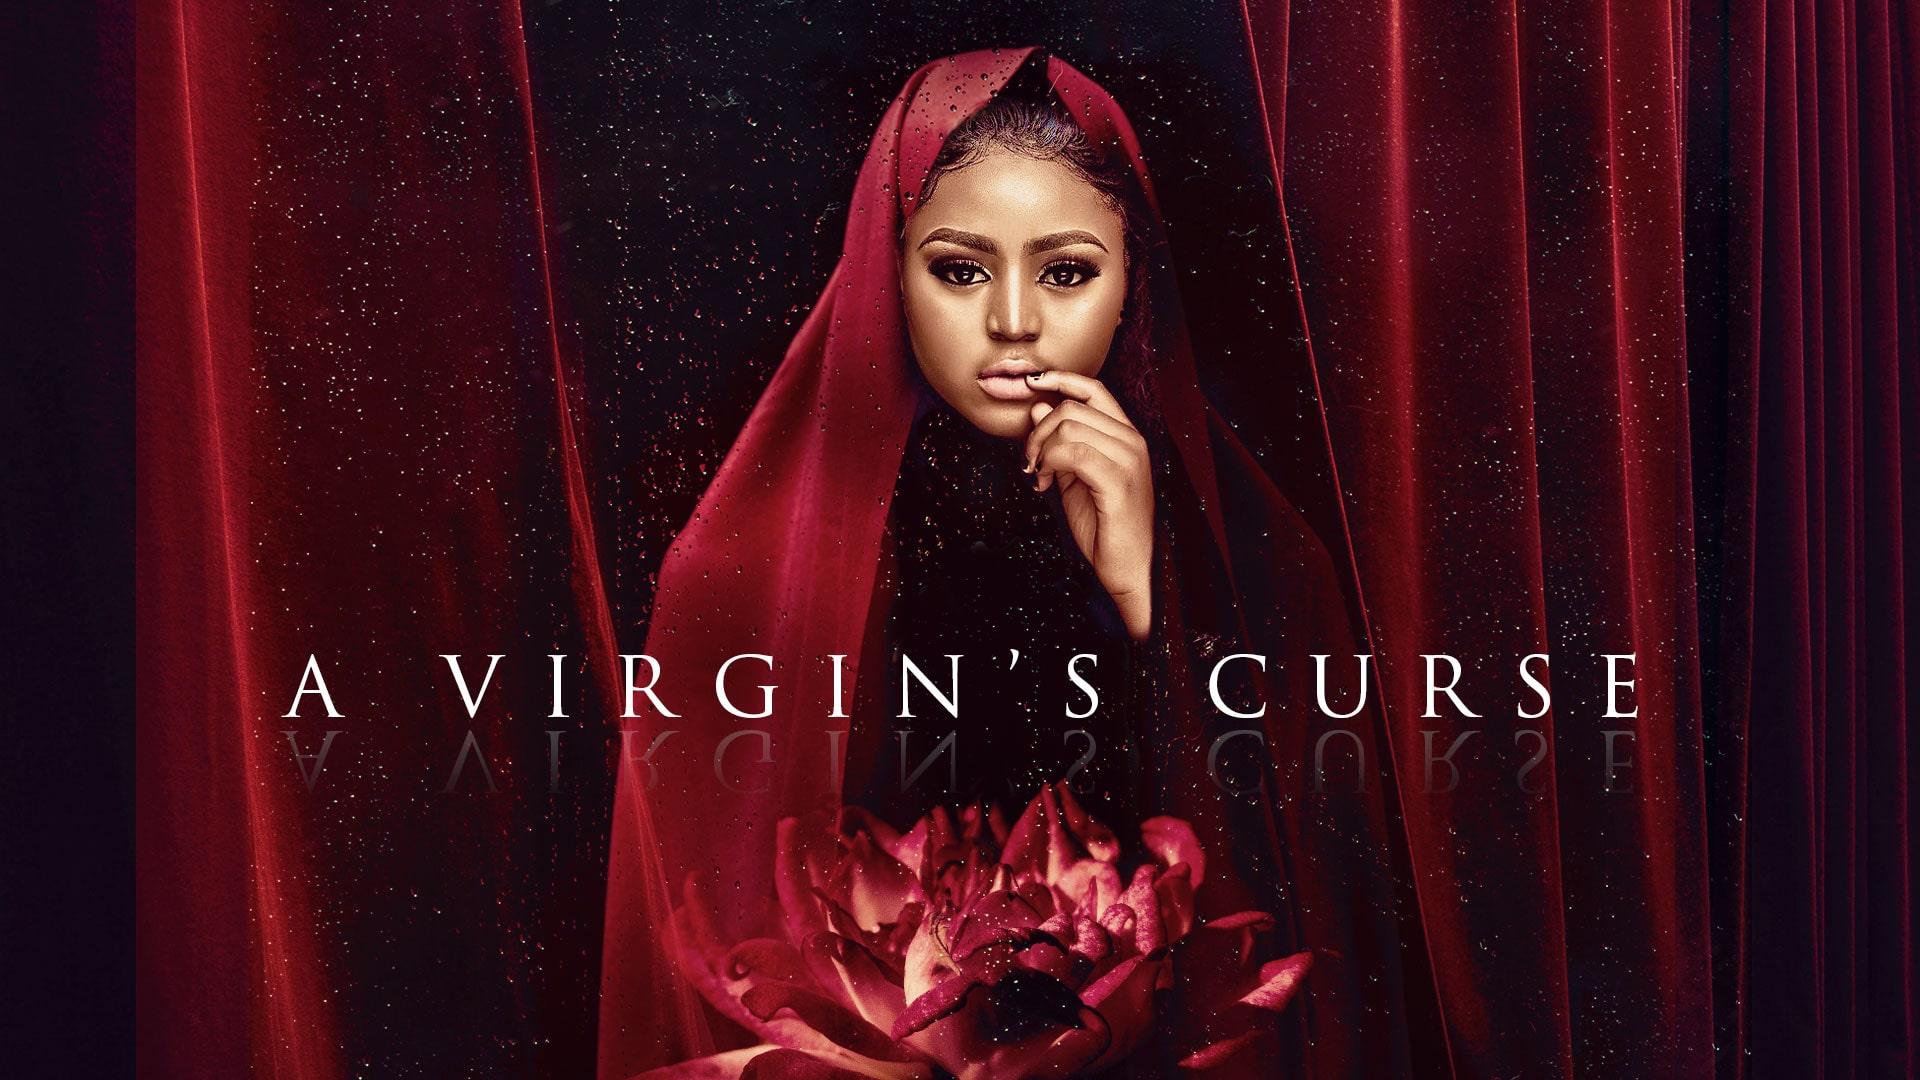 A Virgin's Curse